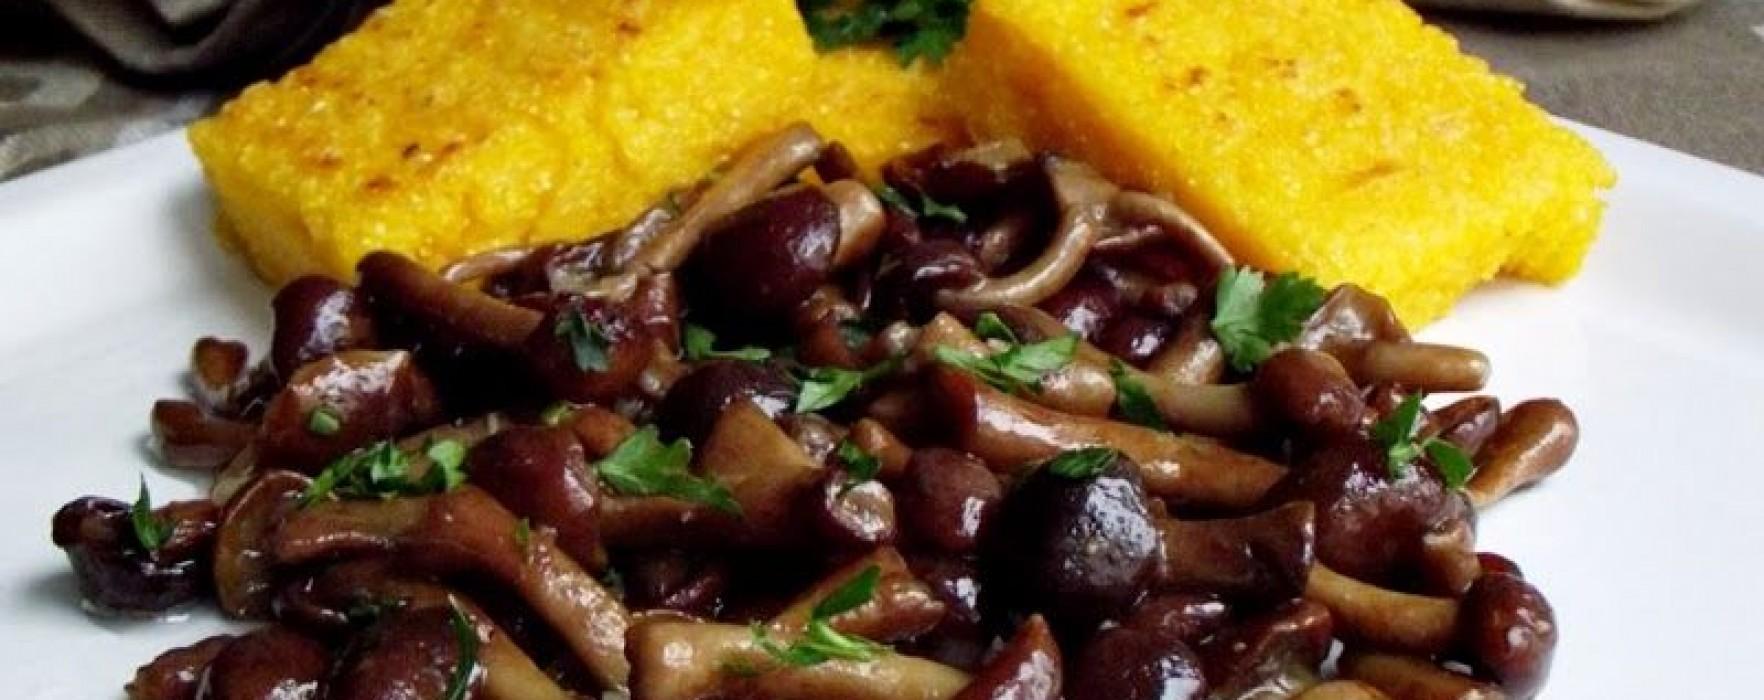 Citeşte cu poftă! – Ghebe cu usturoi şi mămăligă pe grill